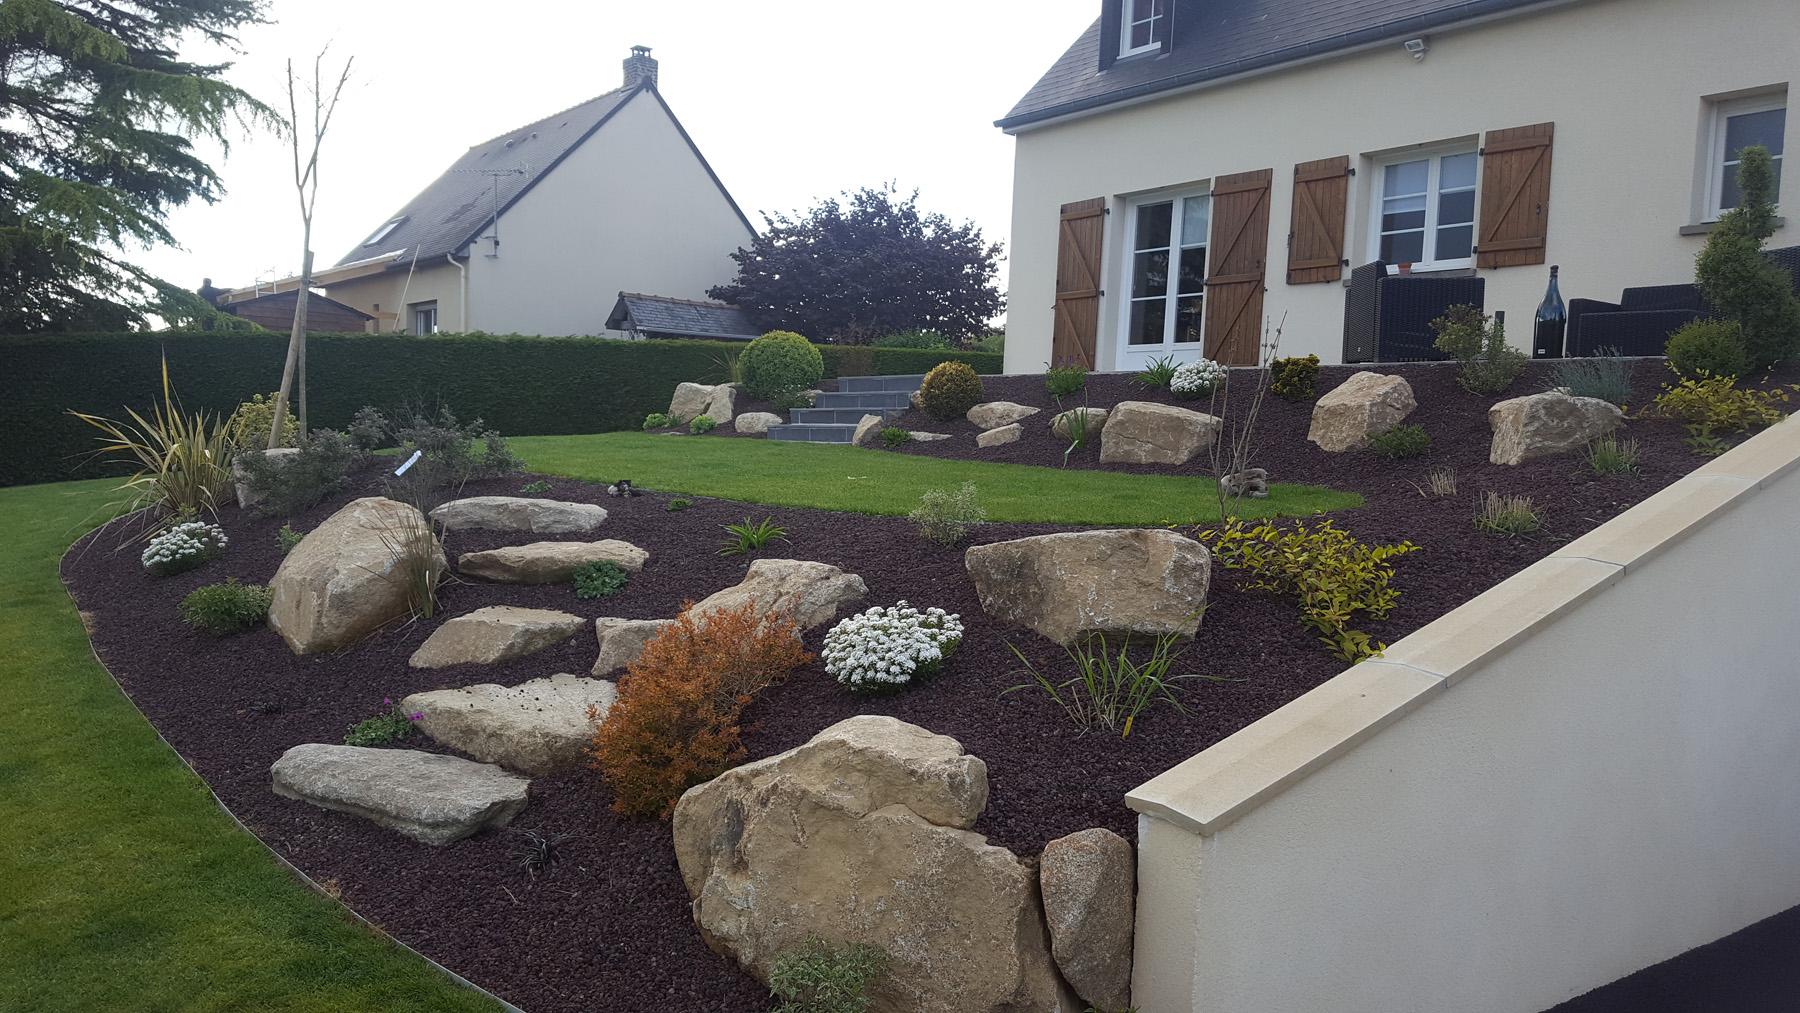 Rocaille De Jardin - Plante De Rocaille | Paysages Conseil dedans Comment Creer Un Jardin Paysager